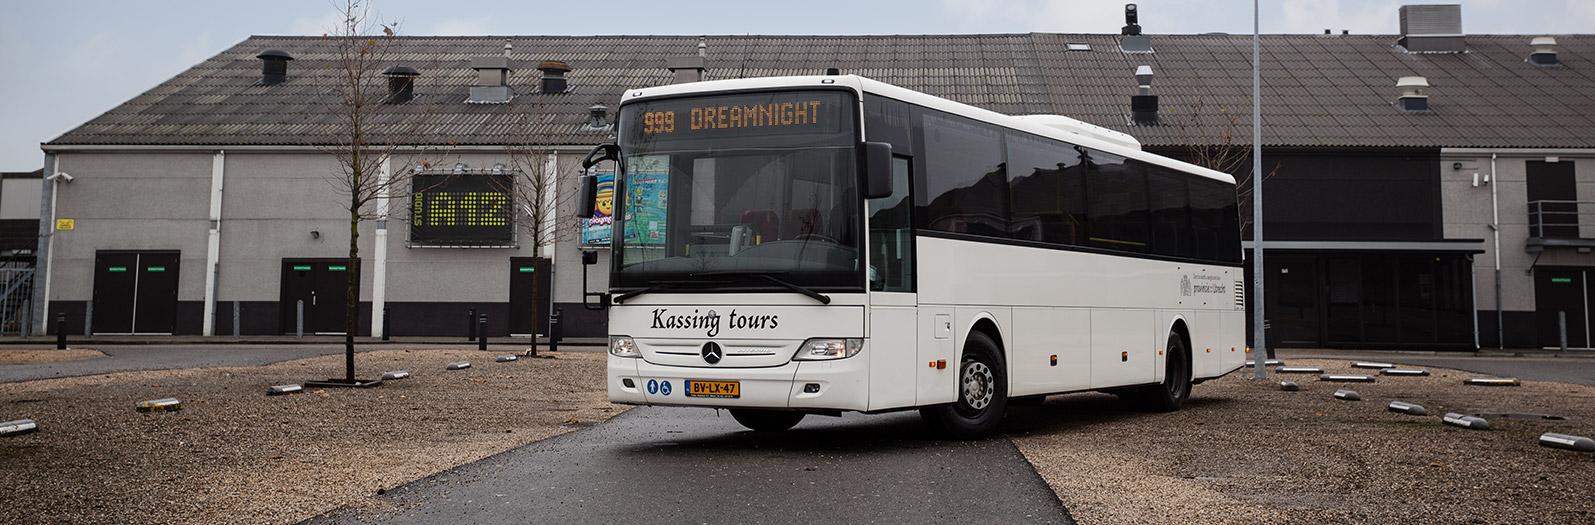 Mercedes-regio-bus